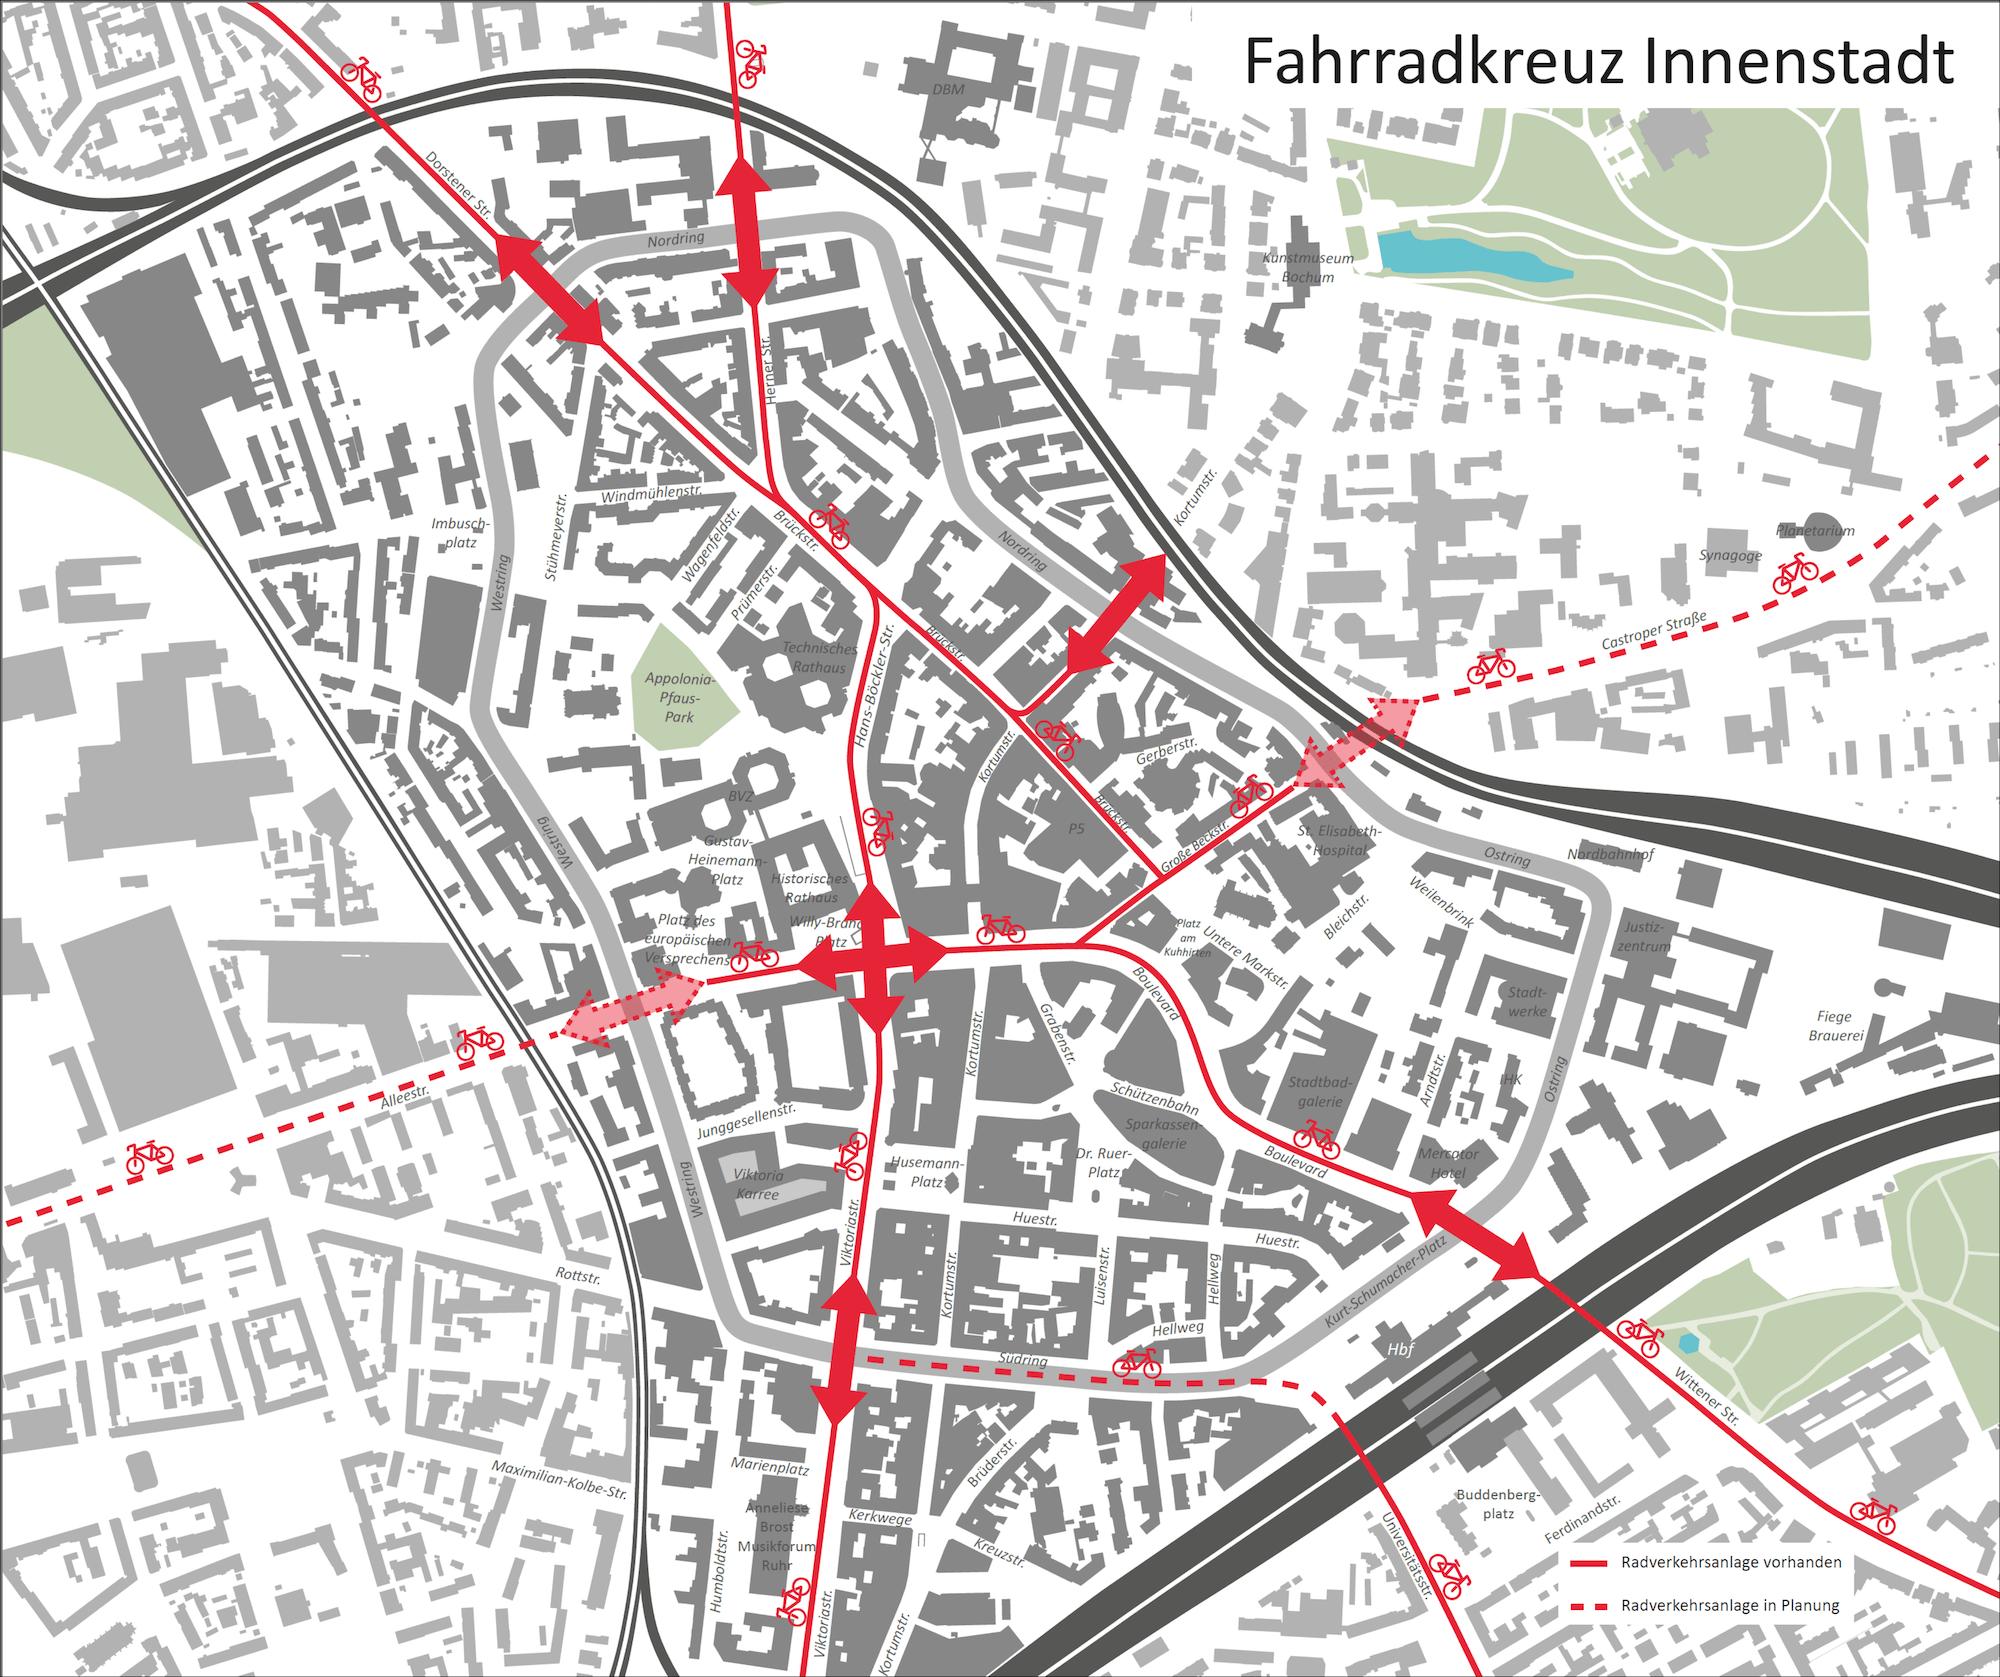 Vorschlag: Fahrradkreuz (Innenstadt Bochum)